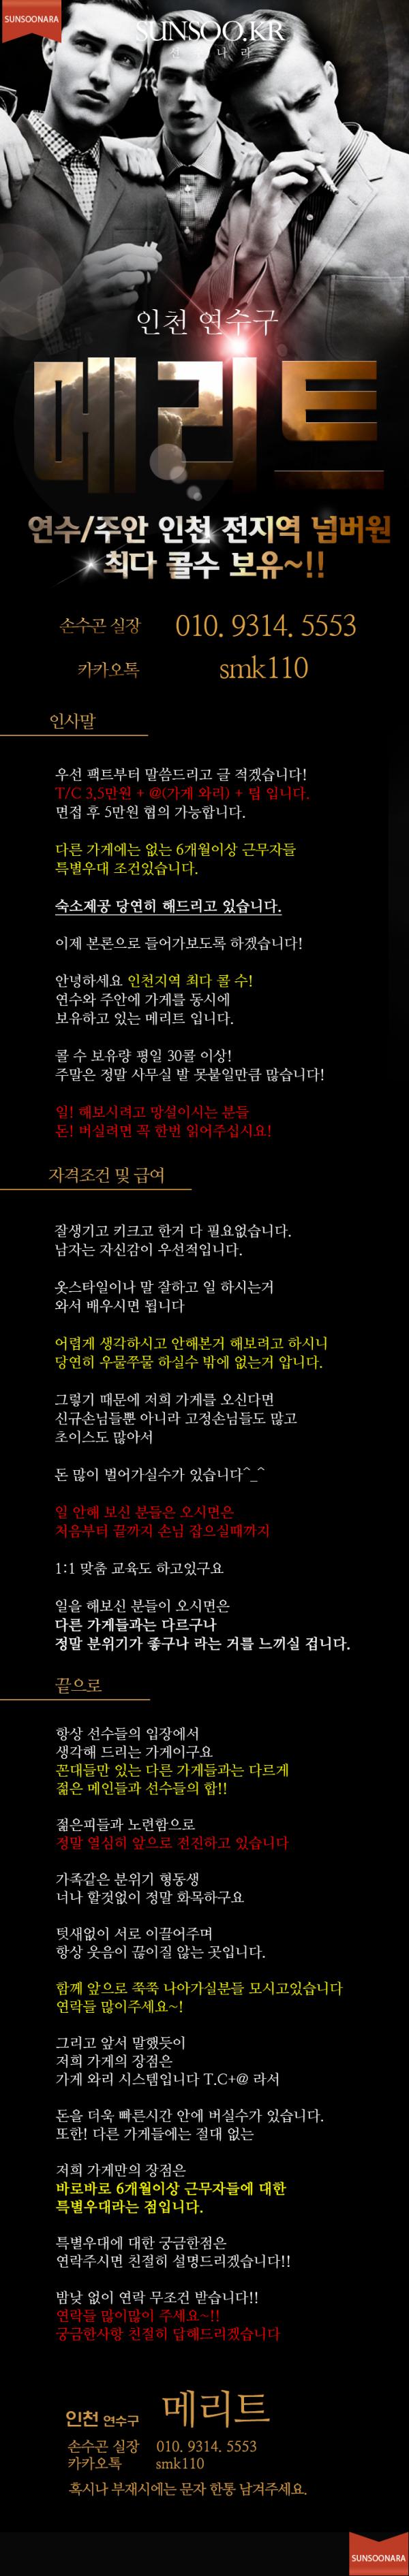 인천 메이트.png